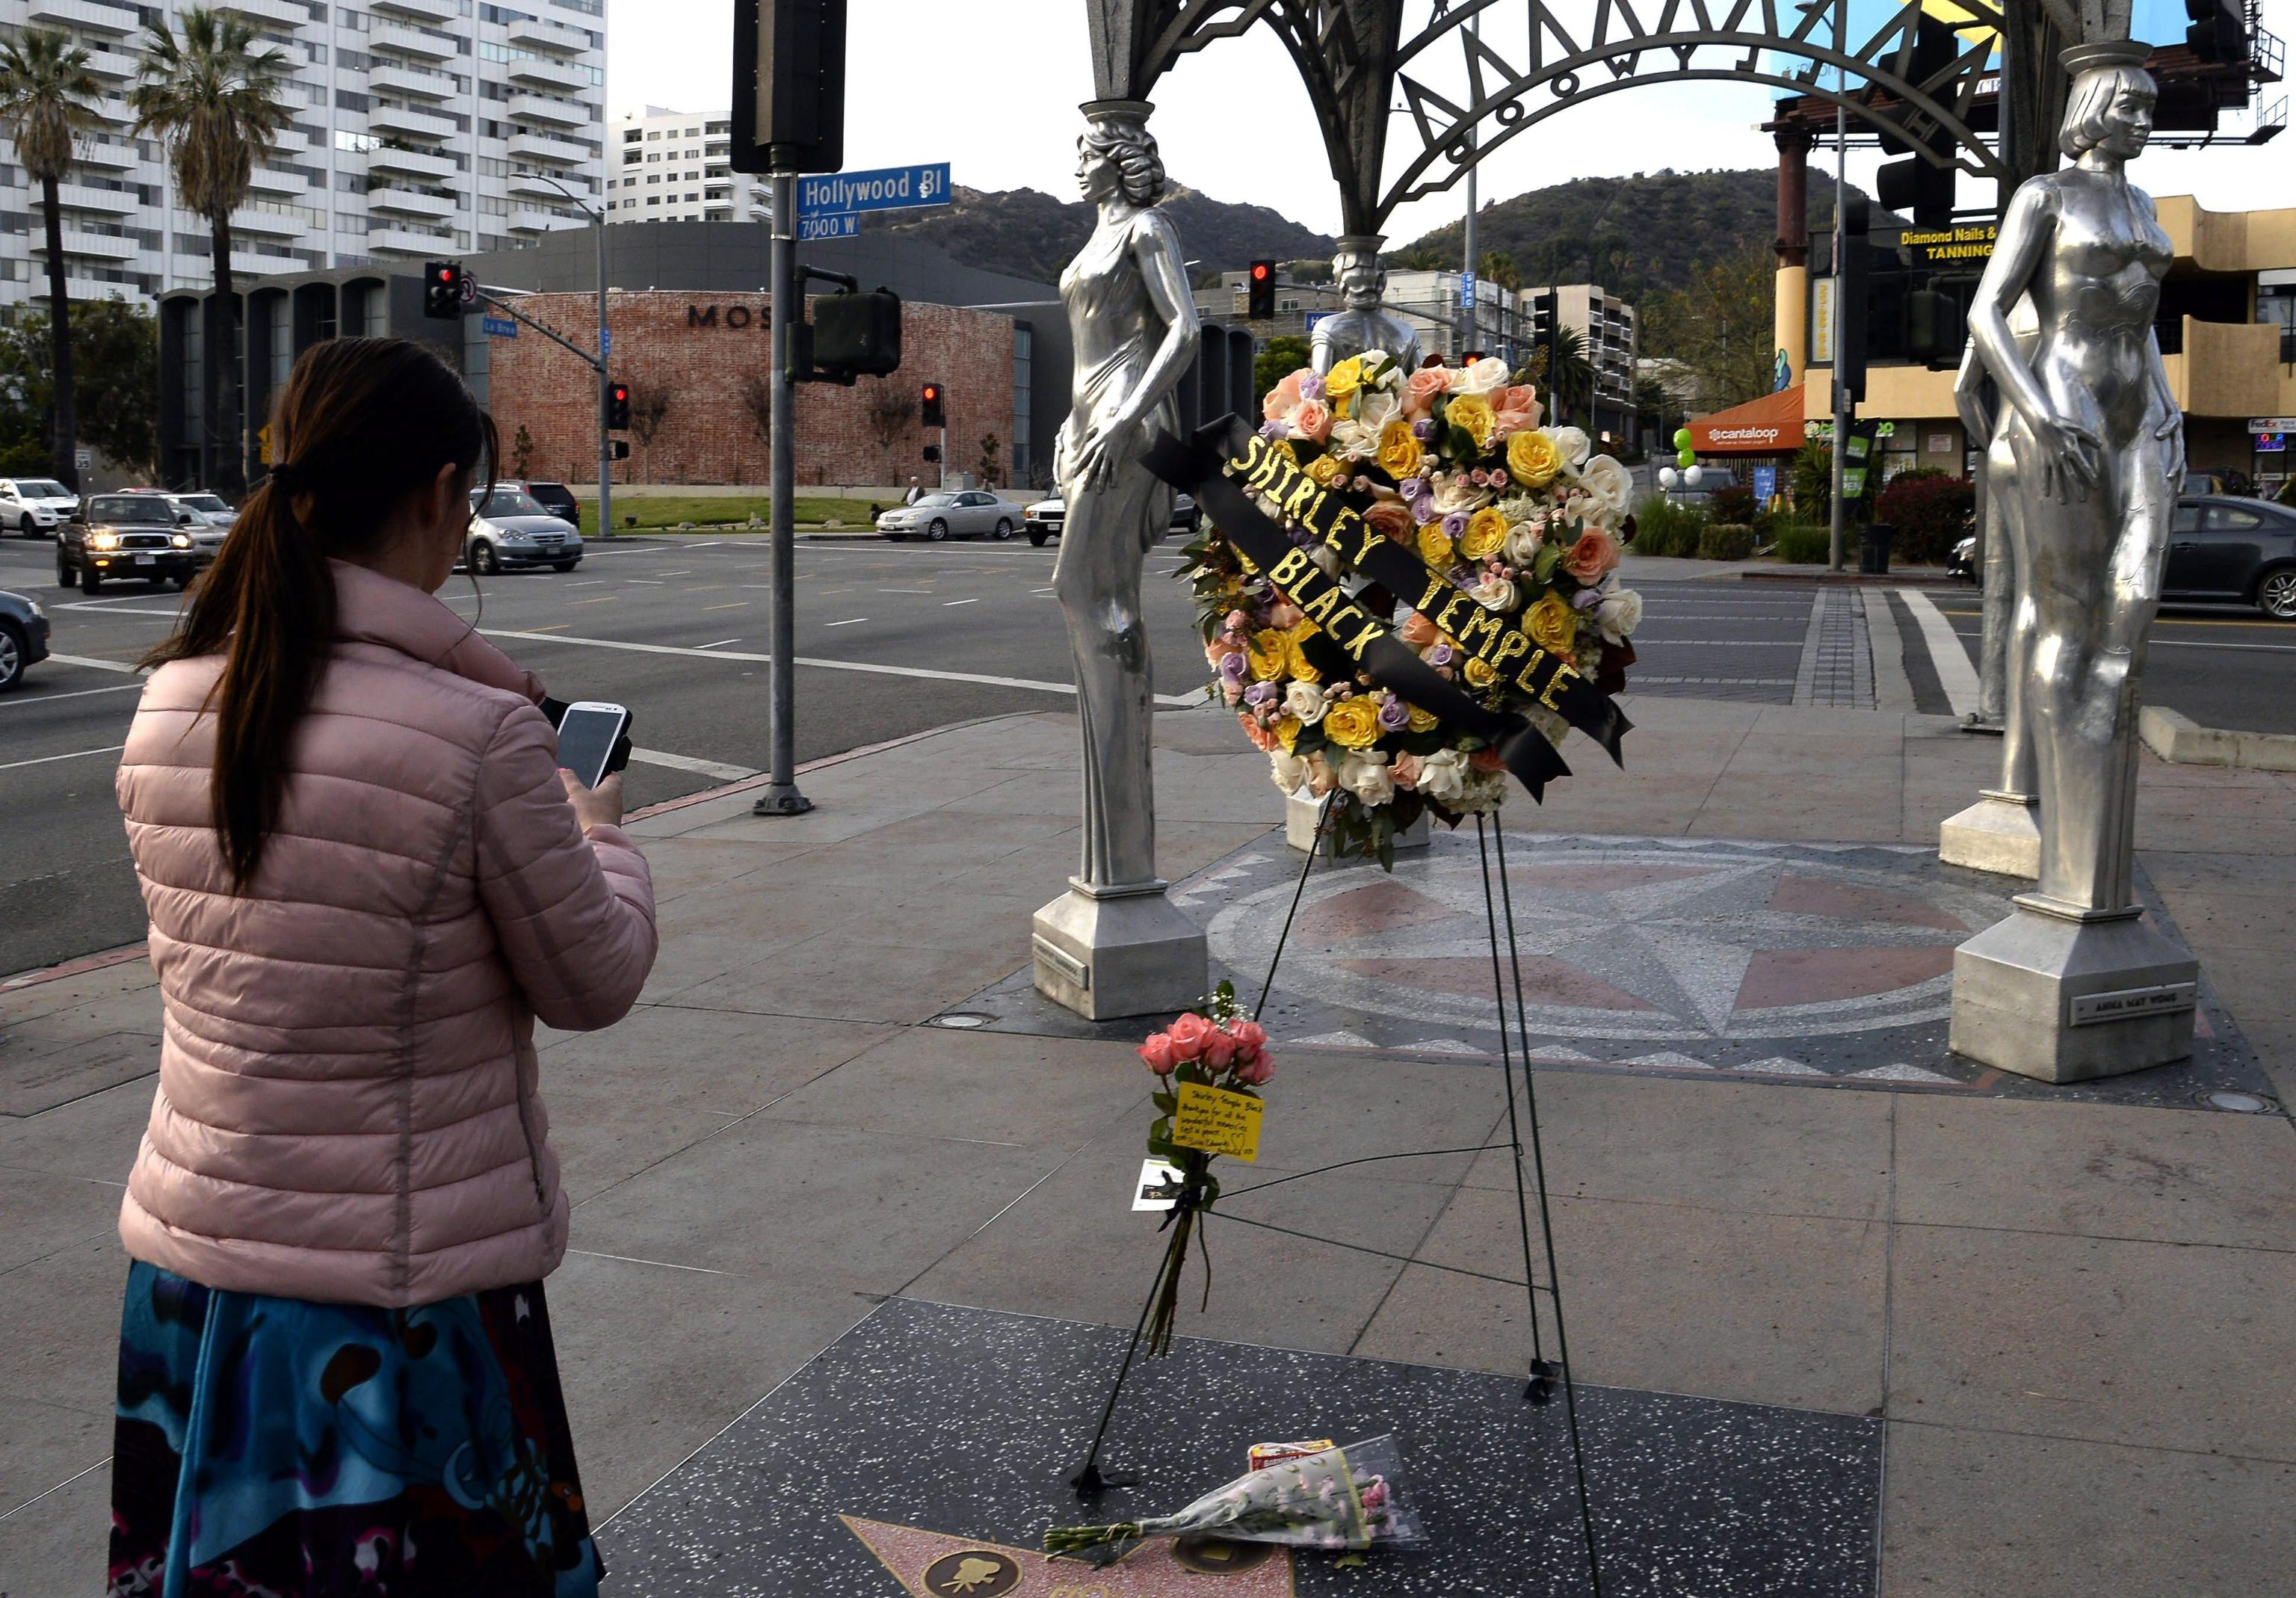 Fiori sulla Walk of Fame per Shirley Temple 03